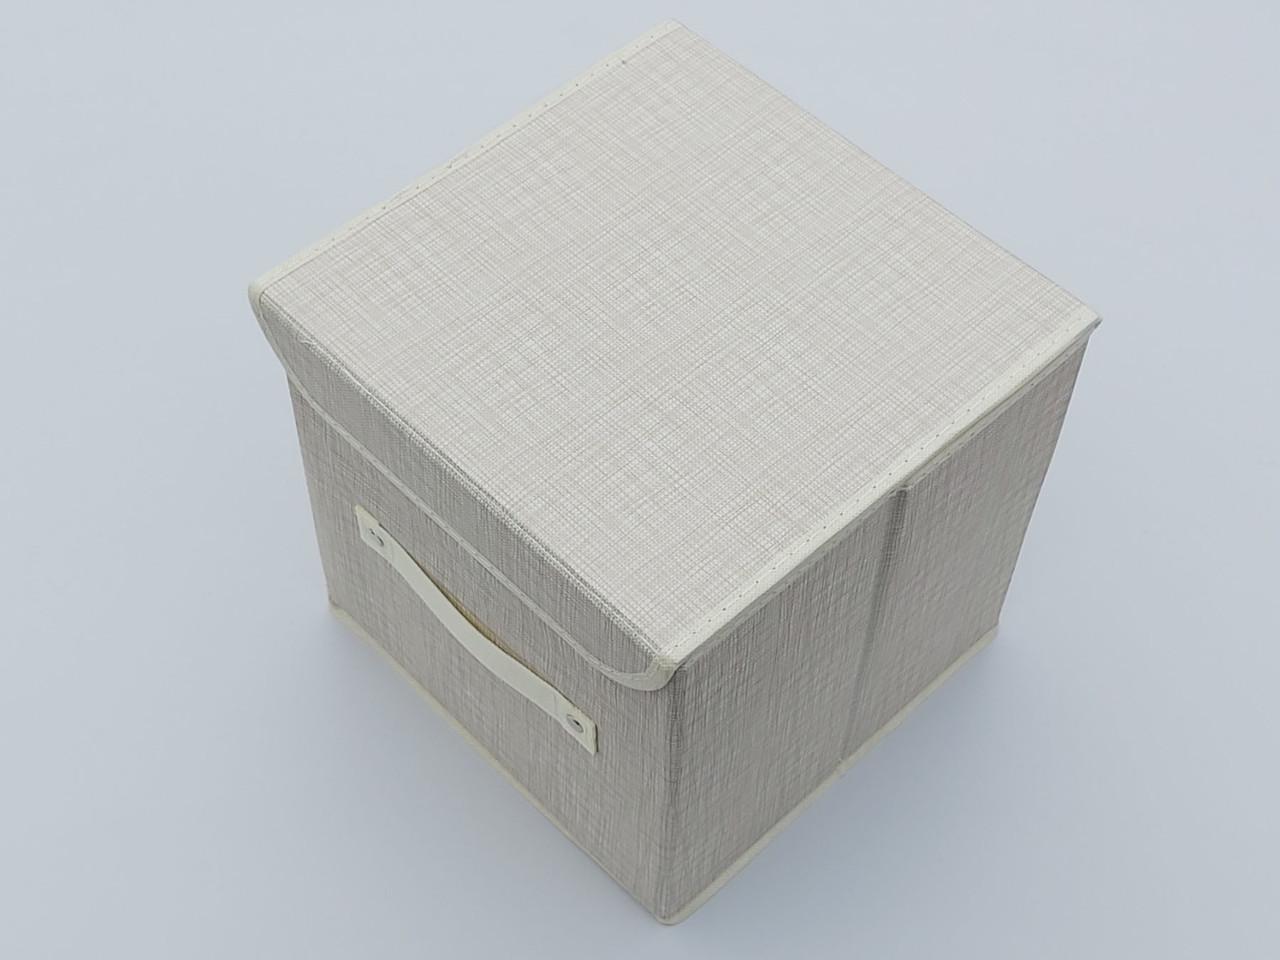 Органайзер коробка Ш 25*Д 25*В 25 см ящик с крышкой для хранения бежевого цвета